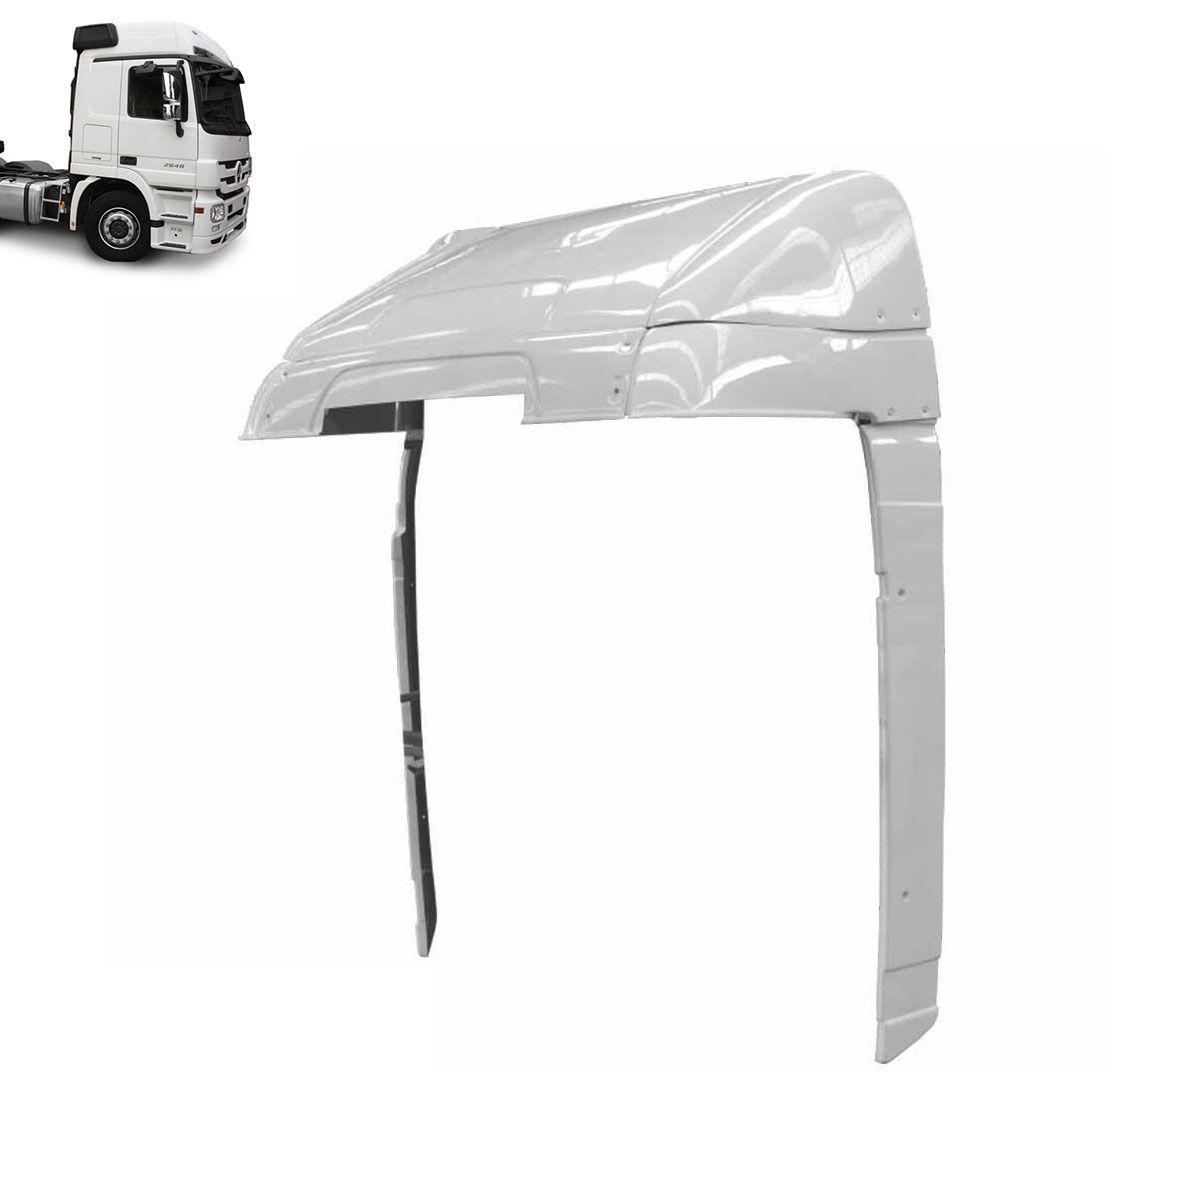 Defletor de Ar para Mercedes Benz Actros Cabine Alta Completo com Regulagem com Recorte do Filtro